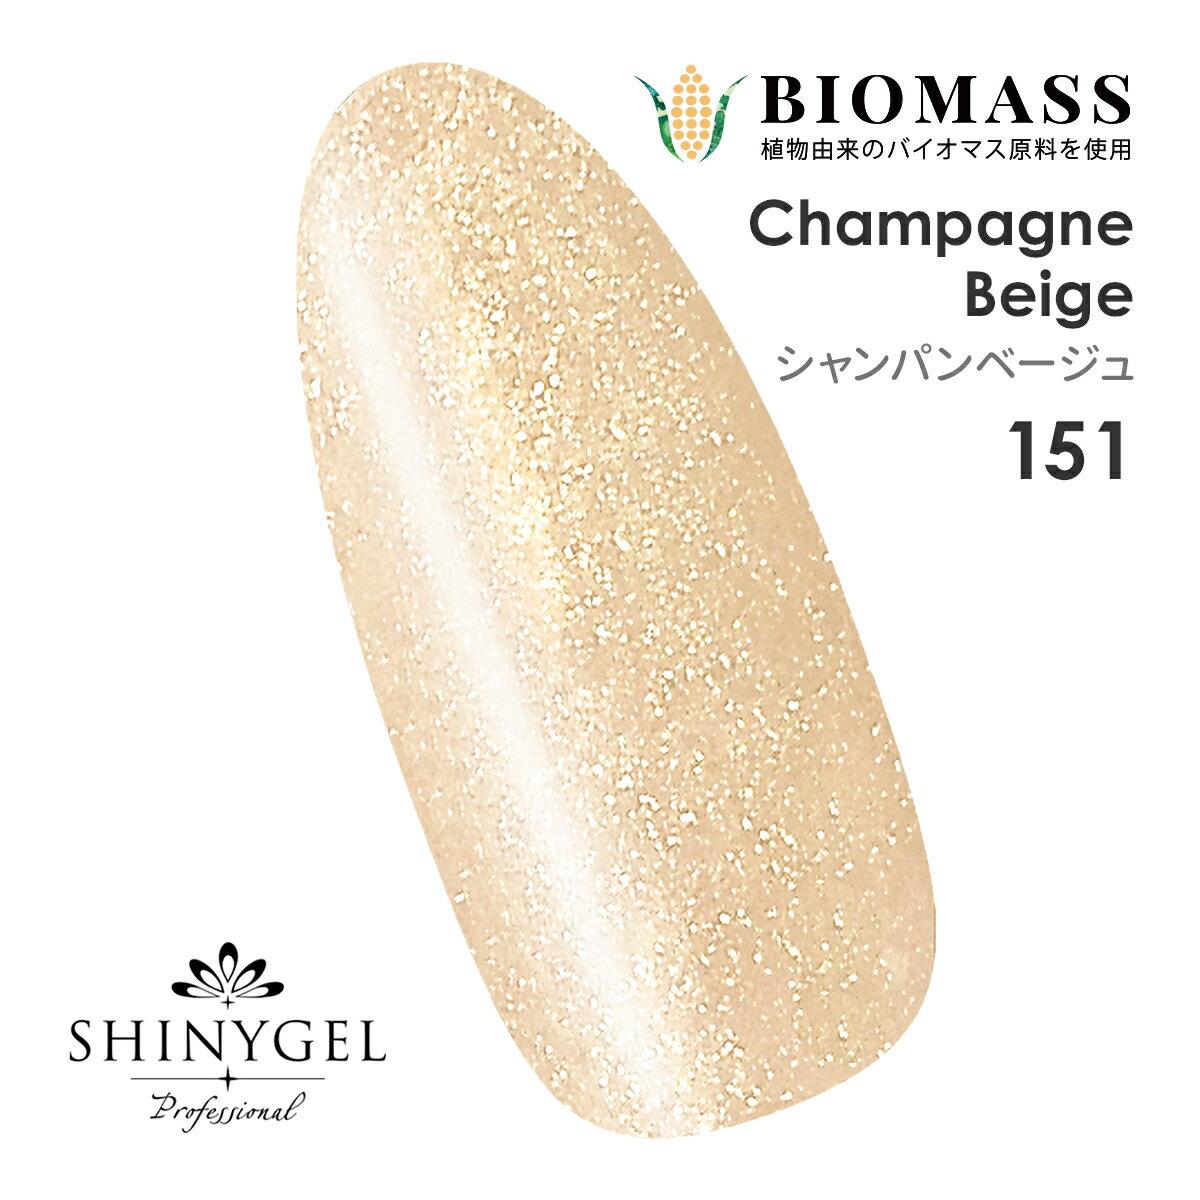 SHINYGEL Professional:カラージェル 151/シャンパンベージュ ラメ ローズ 4g (シャイニージェルプロフェッショナル)[UV/LED対応○](JNA検定対応)